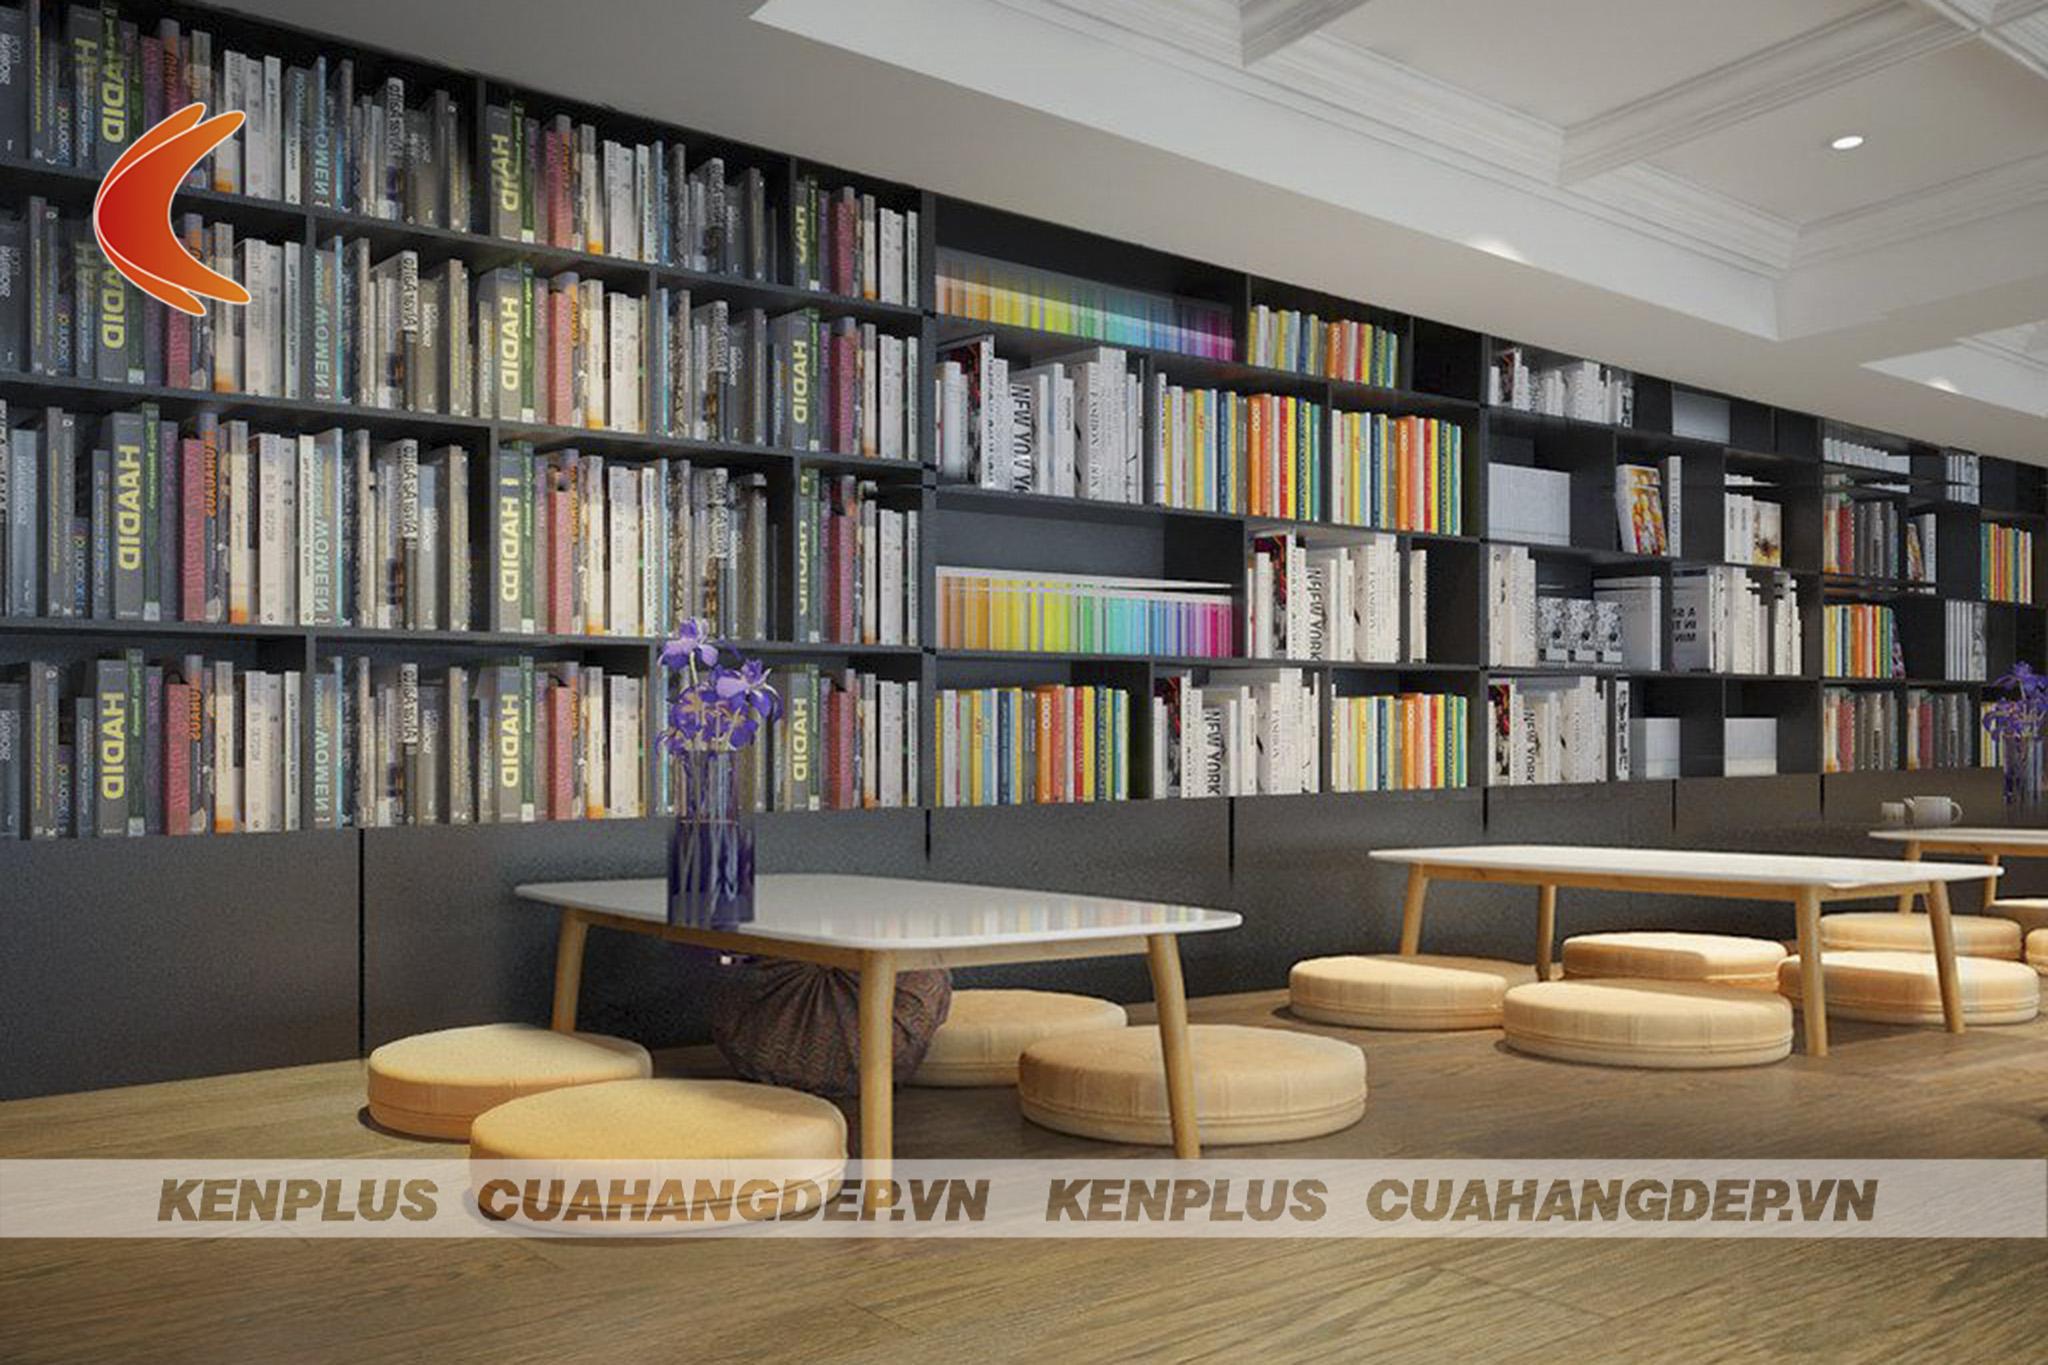 thiết kế cửa hàng sách mini đảm bảo kệ sách tôi ưu hoá